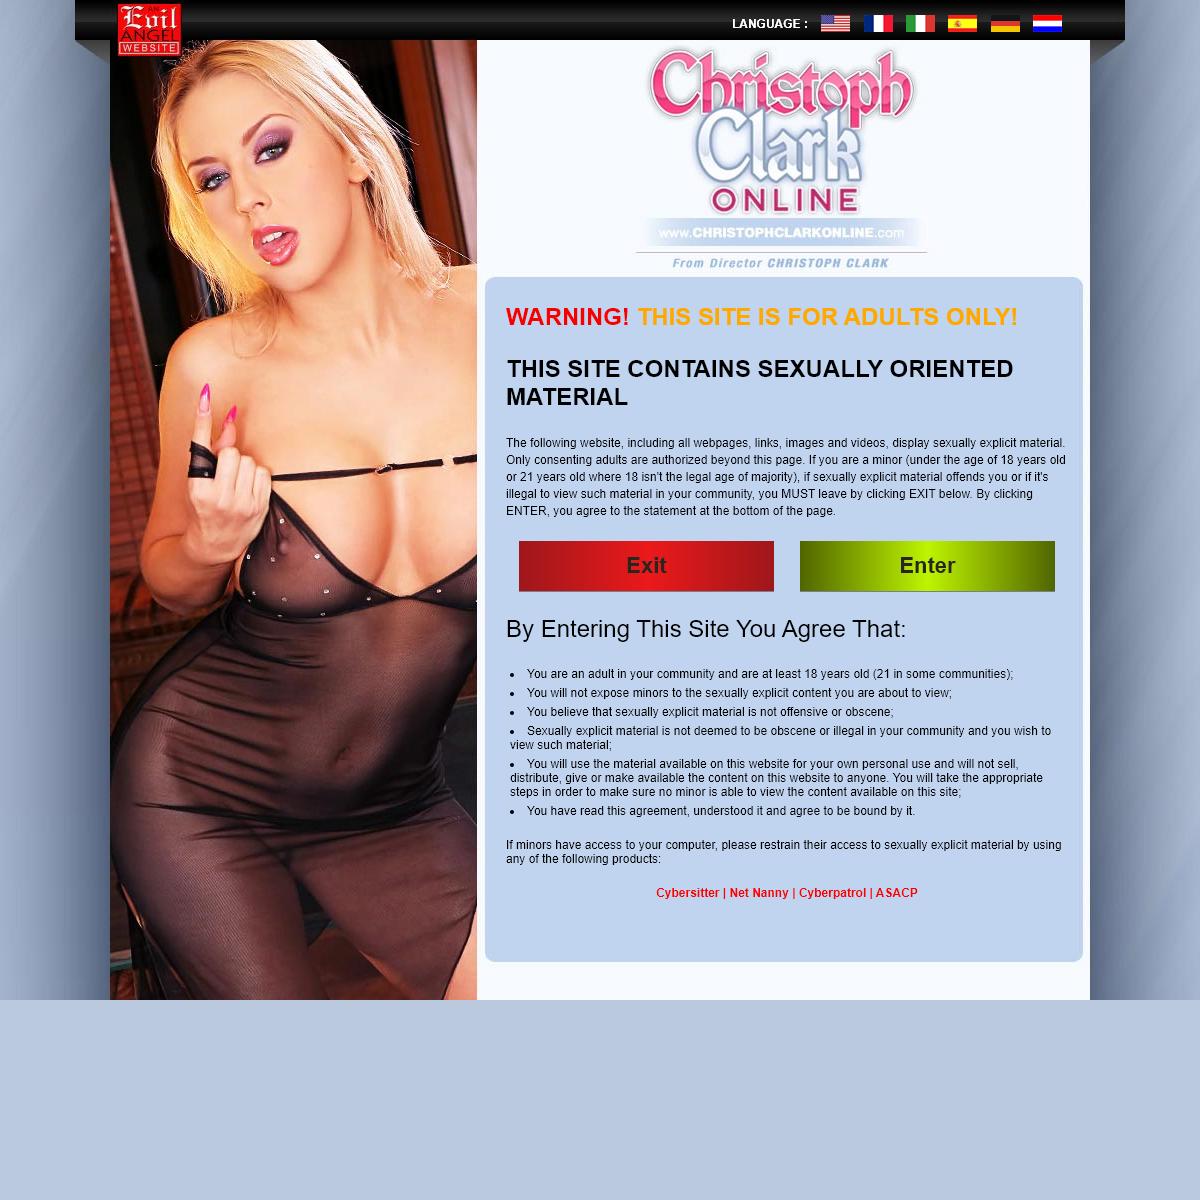 A complete backup of www.christophclarkonline.com